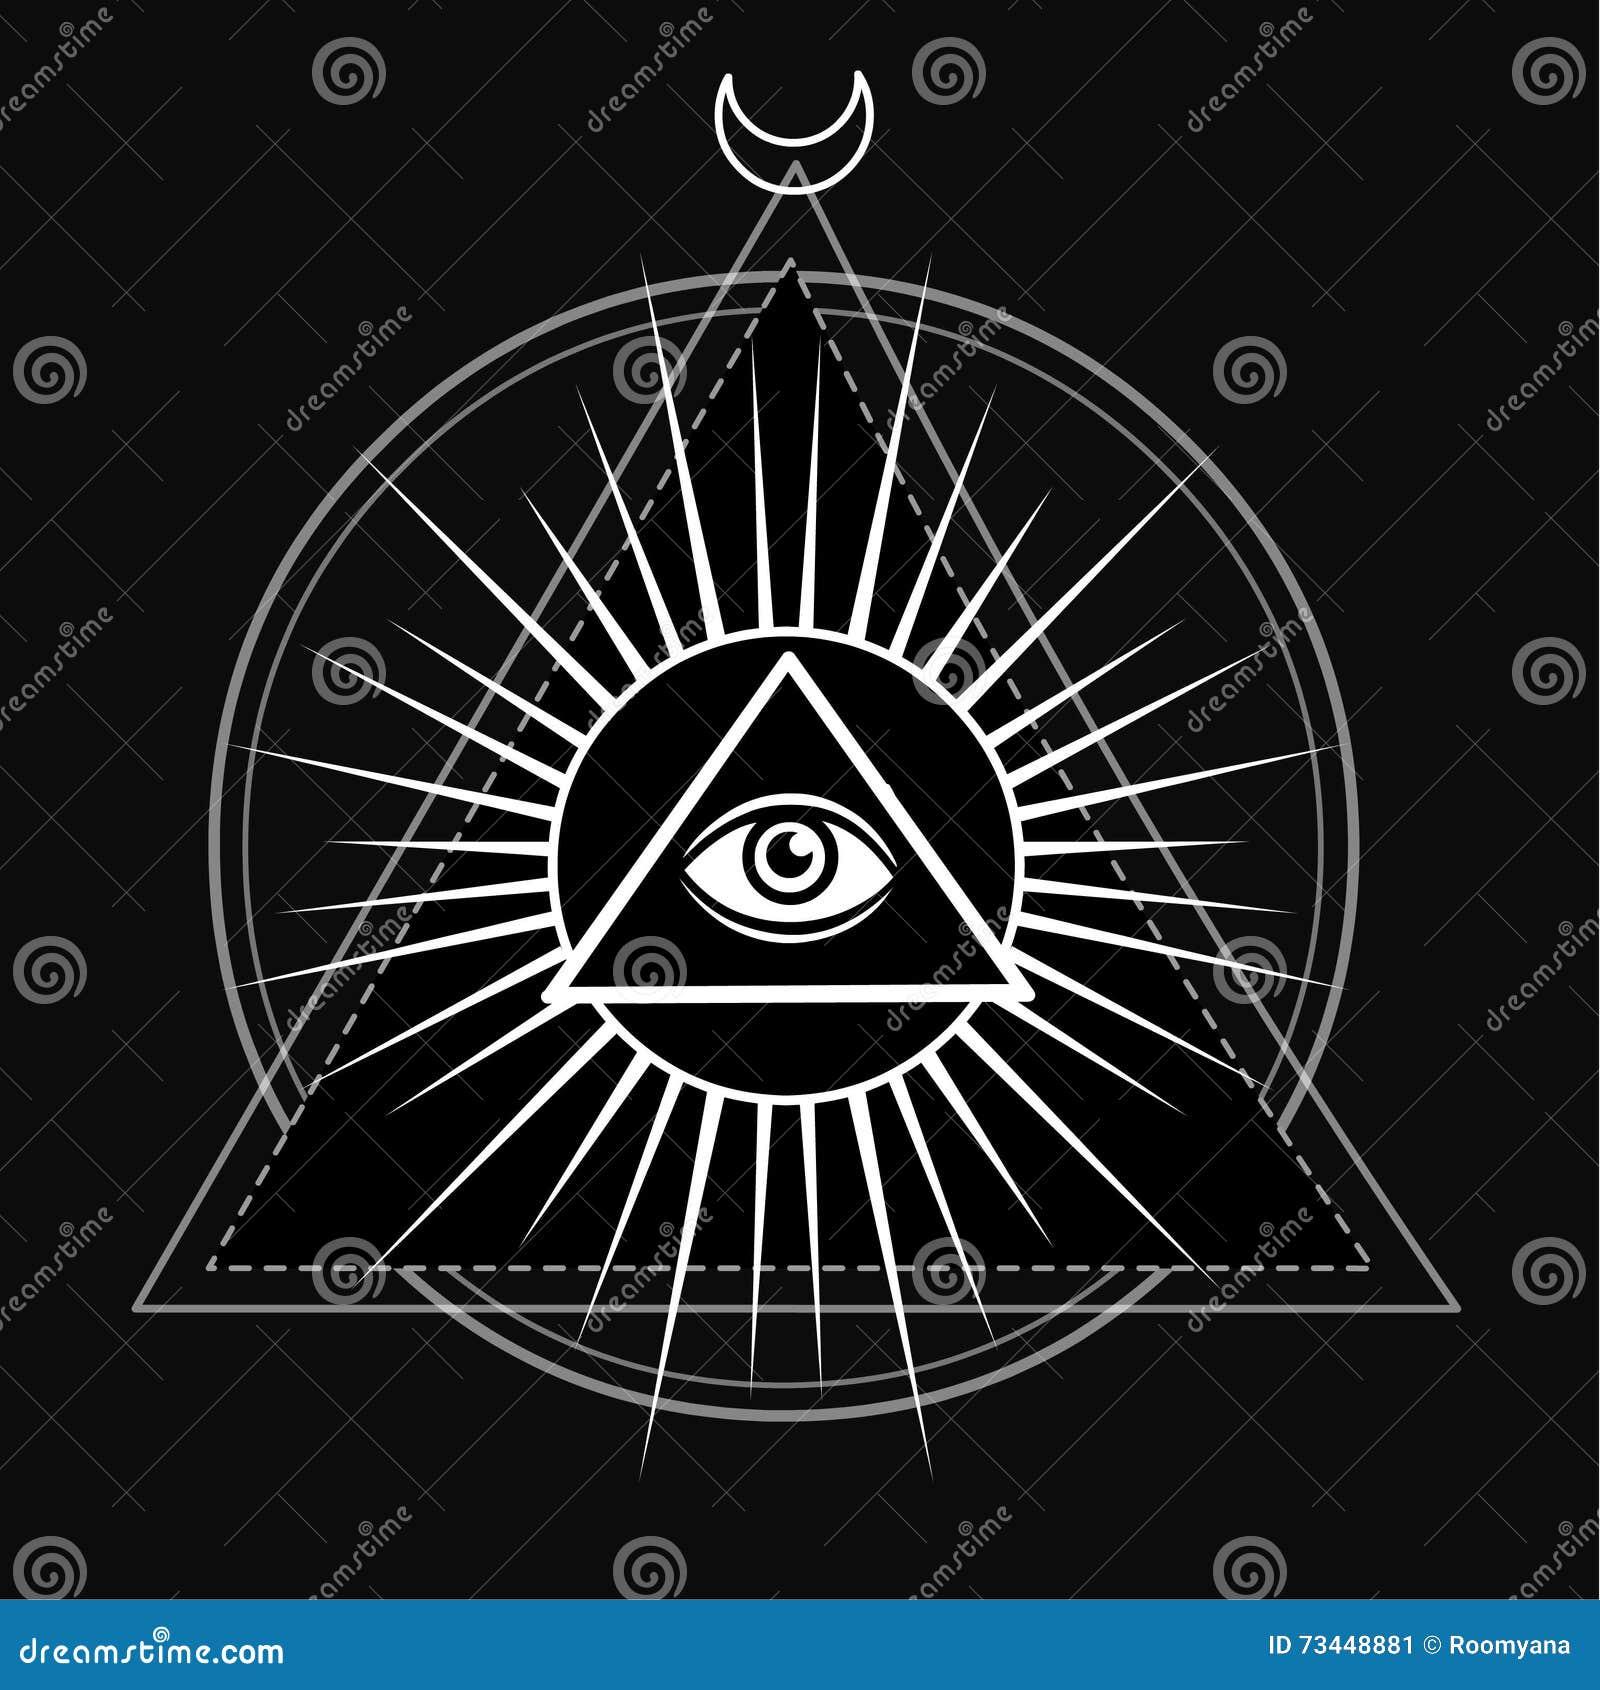 Eye of providence all seeing eye inside triangle pyramid stock all seeing eye inside triangle pyramid buycottarizona Image collections